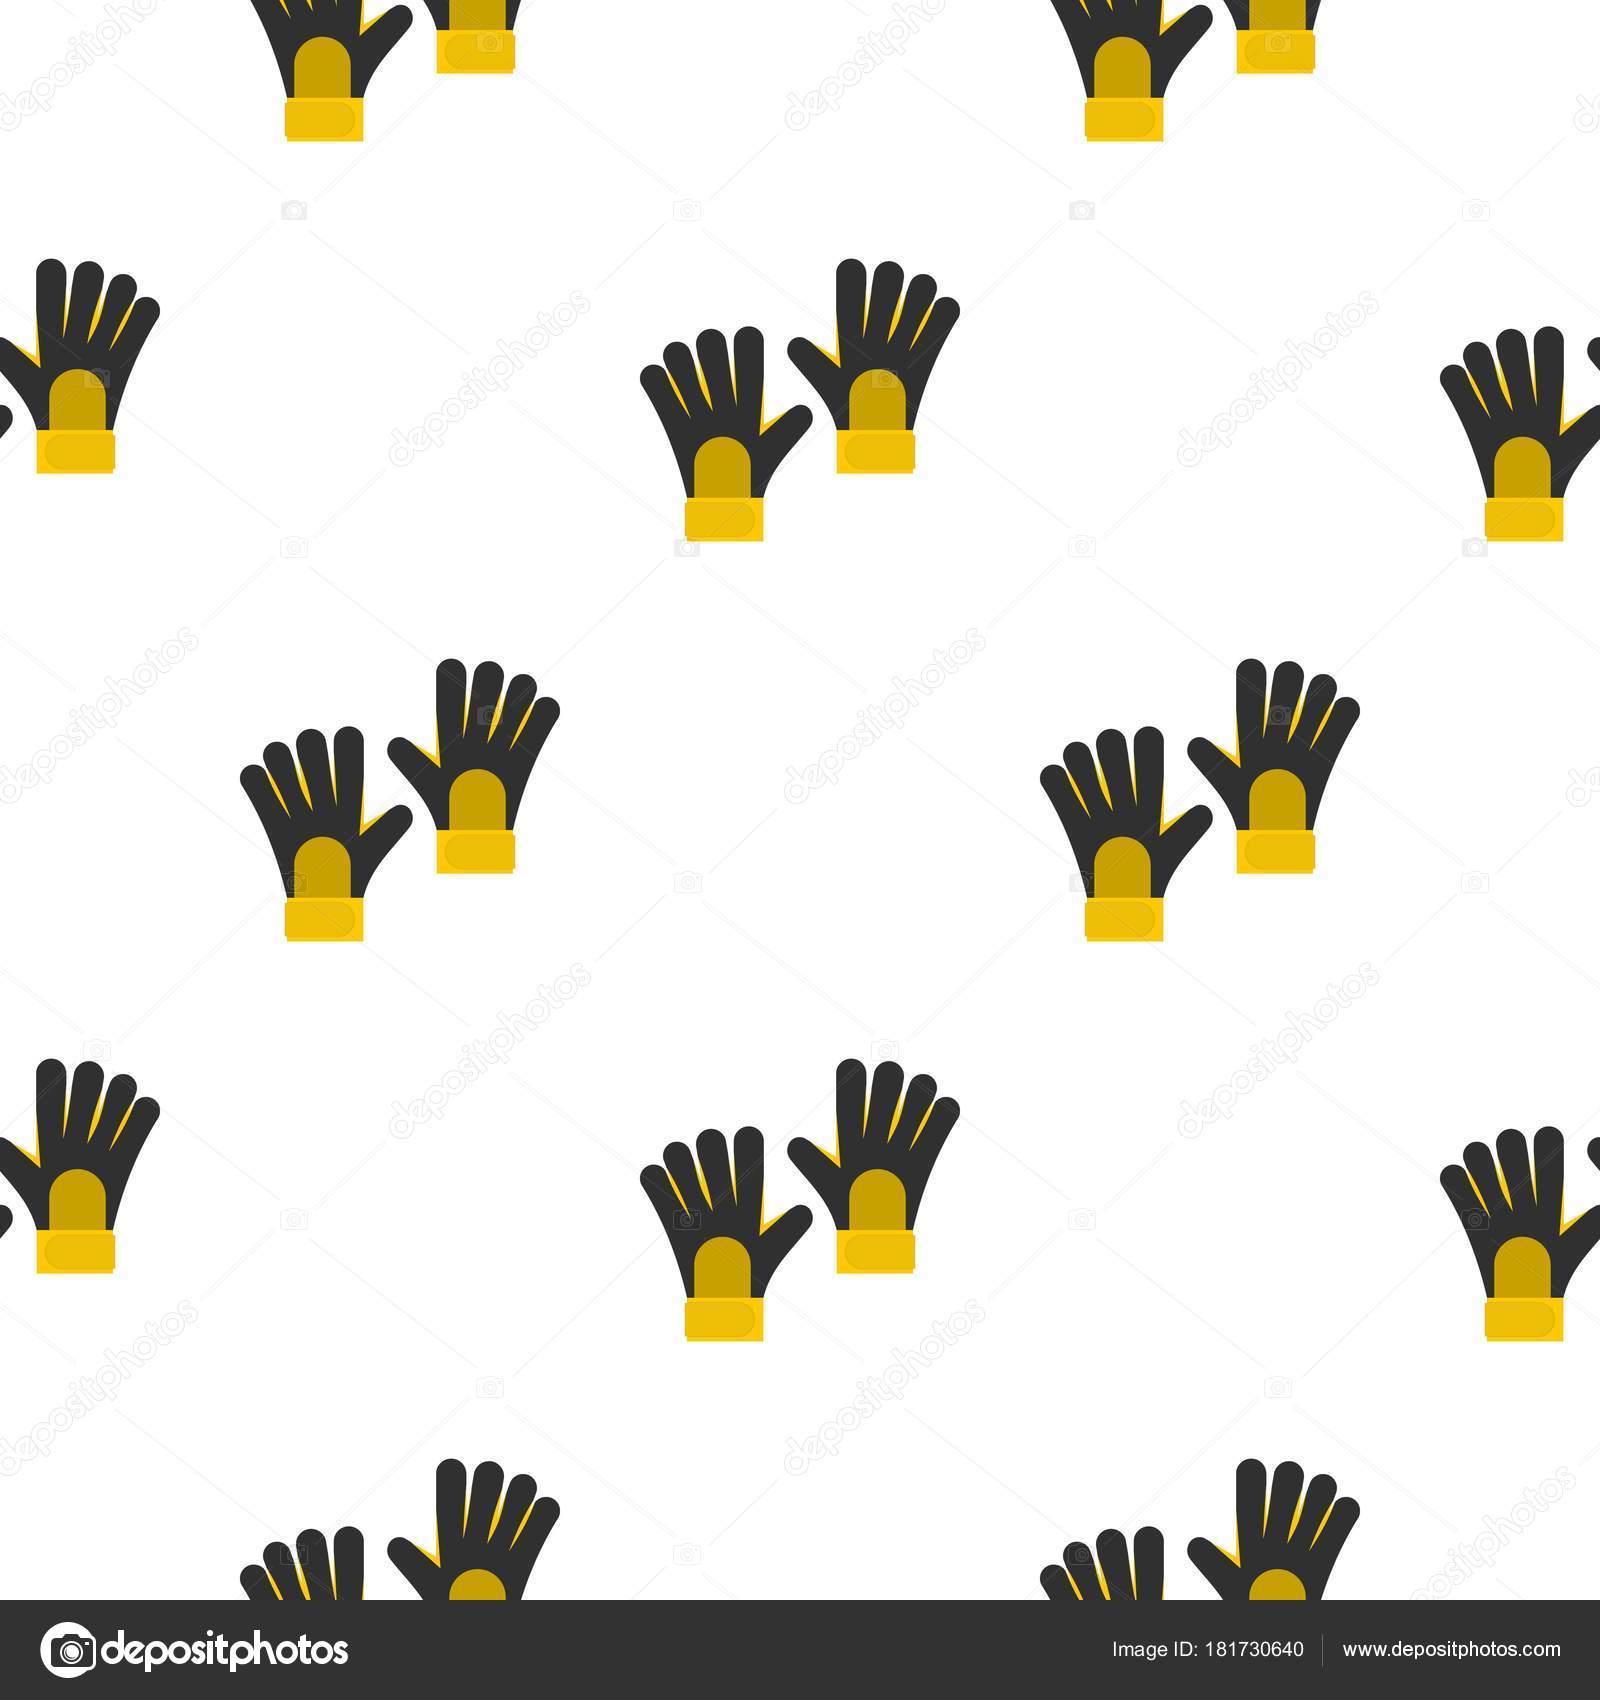 Patrón de guantes de porteros de fútbol sin problemas — Archivo ...